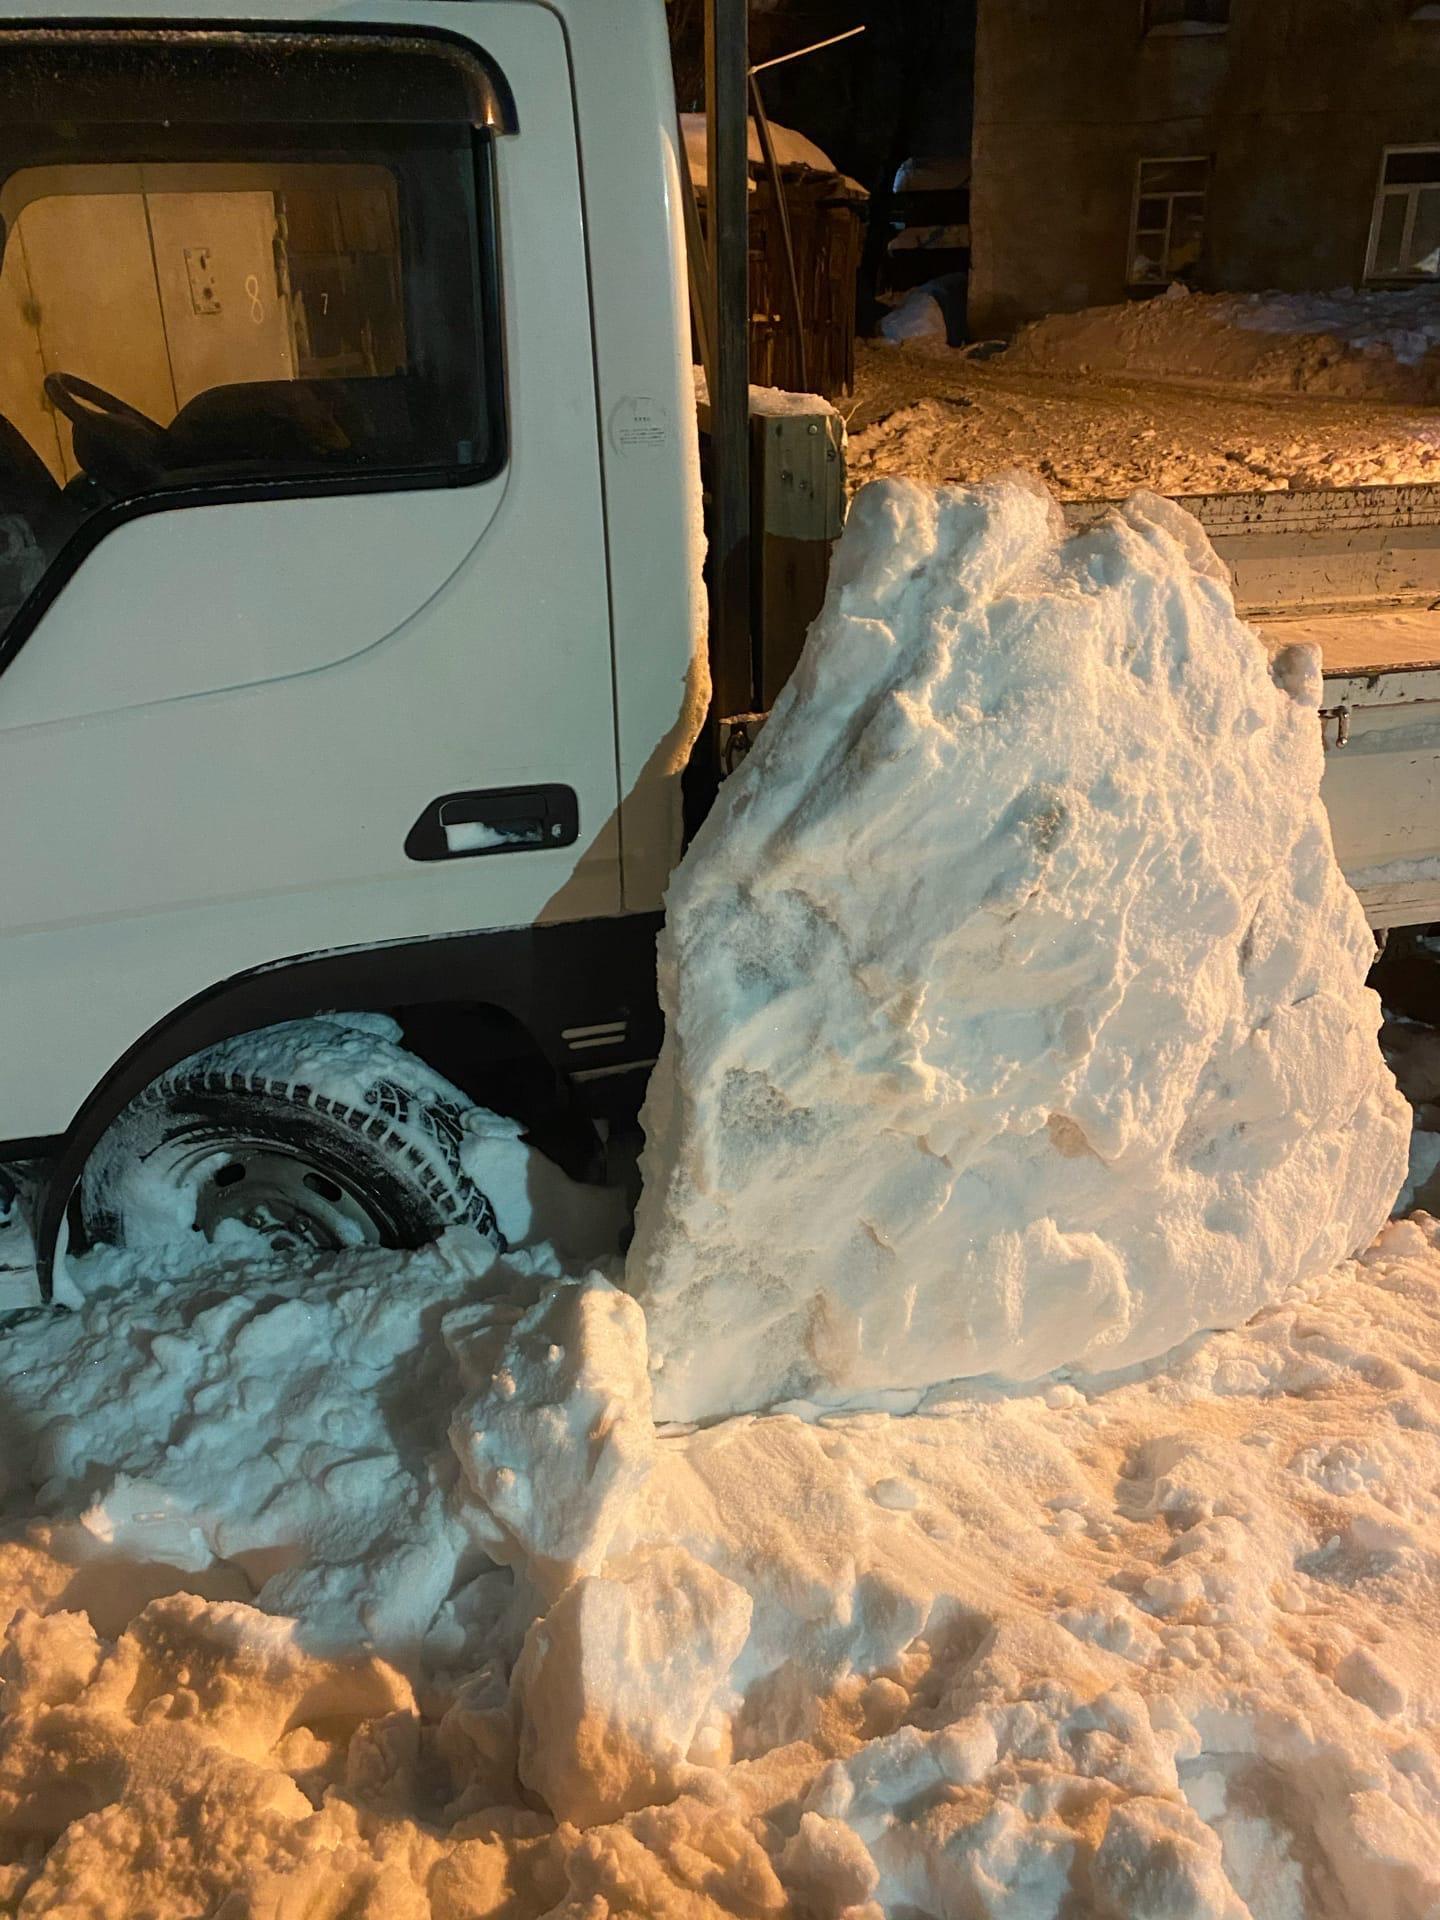 Фото Сошедший с крыши снег заблокировал выход из дома на улице Лобова в Новосибирске 2